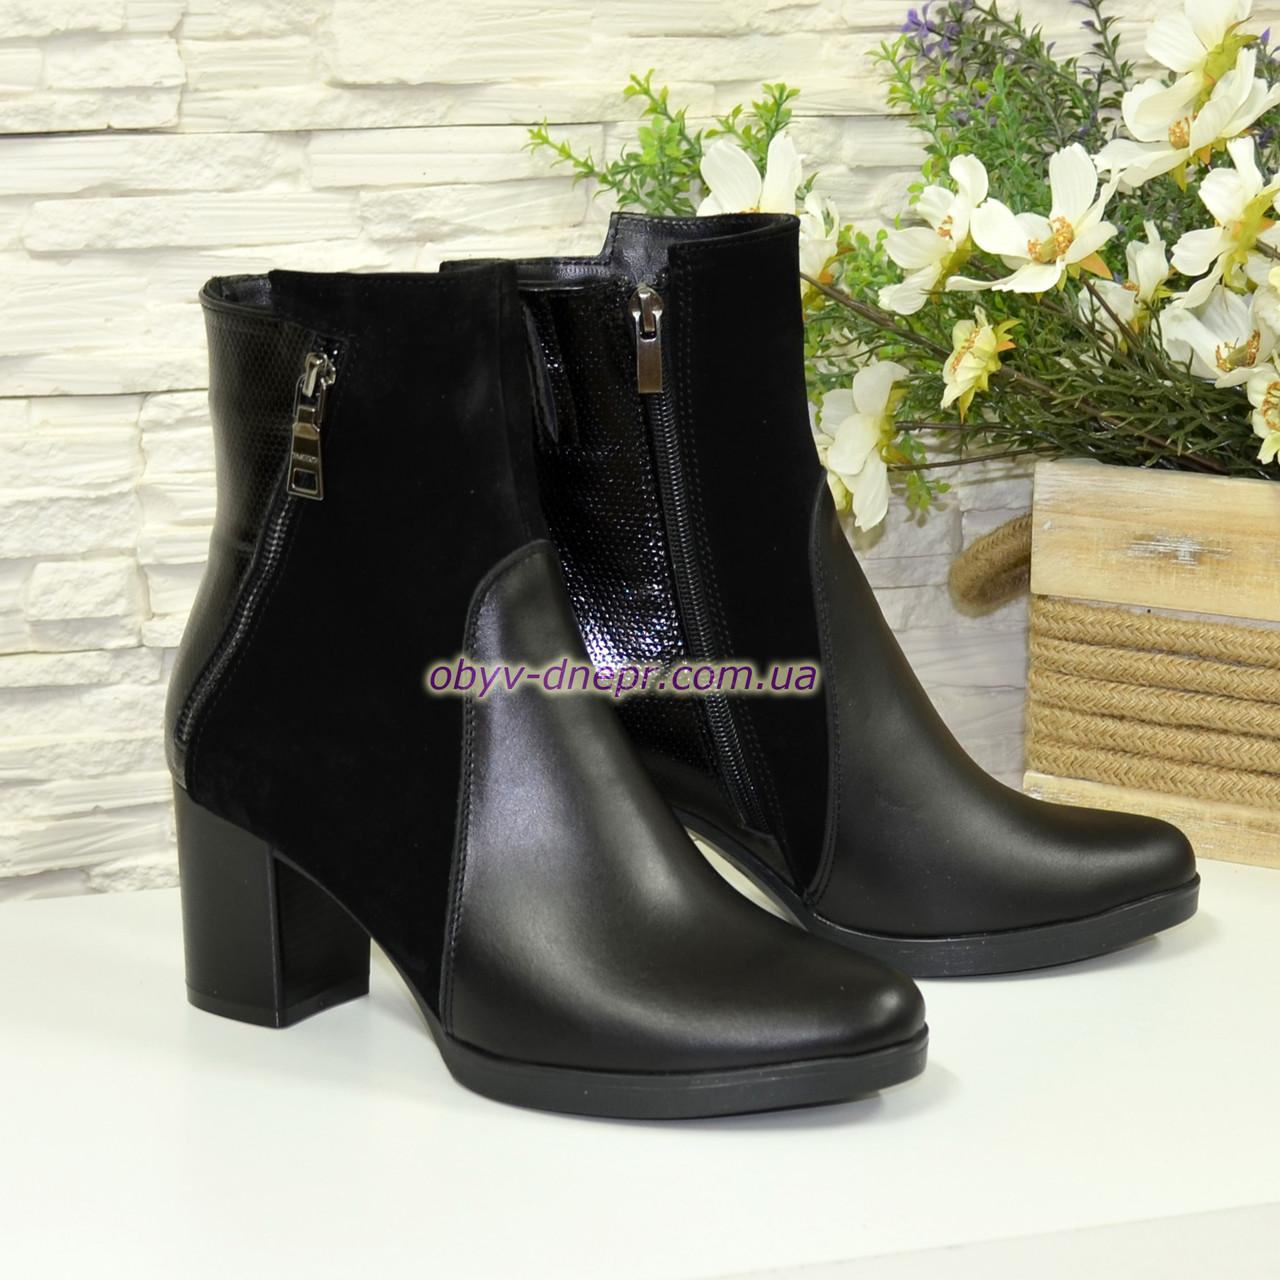 Ботинки женские зимние комбинированные на устойчивом каблуке, декорированы молнией